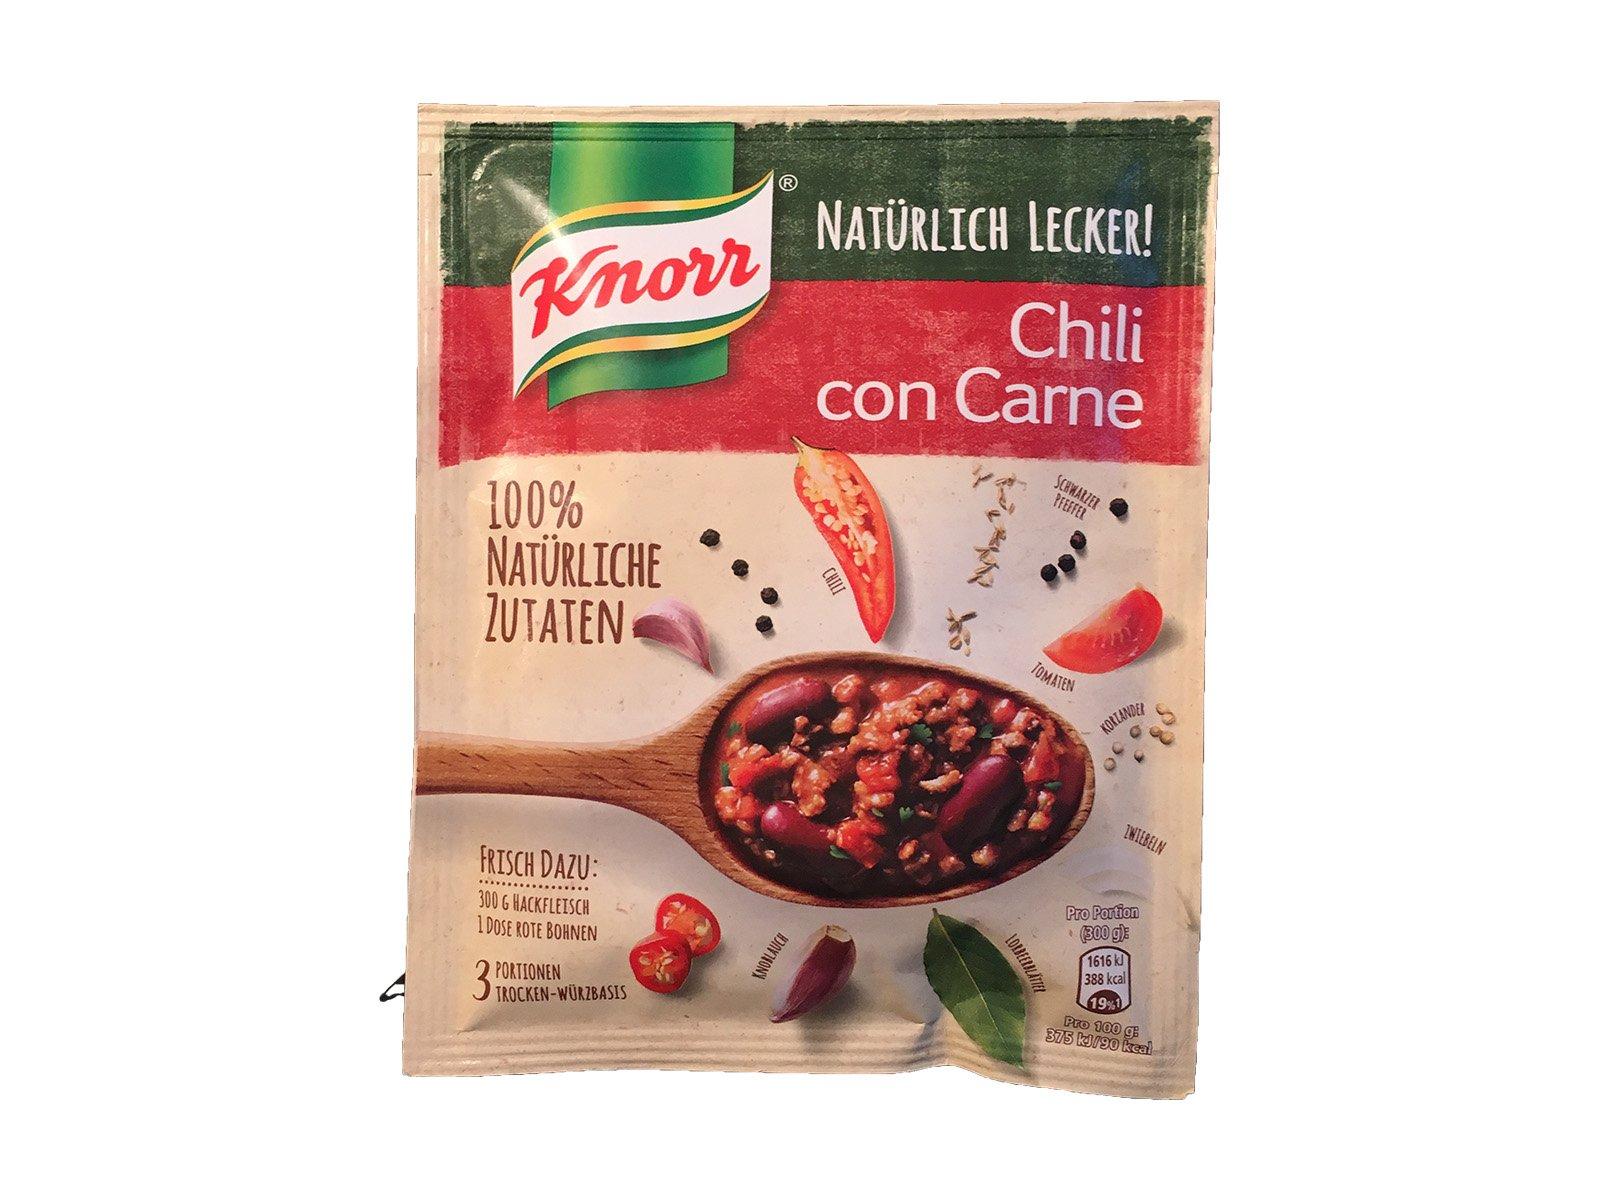 Knorr Natürlich Lecker Chili Con Carne